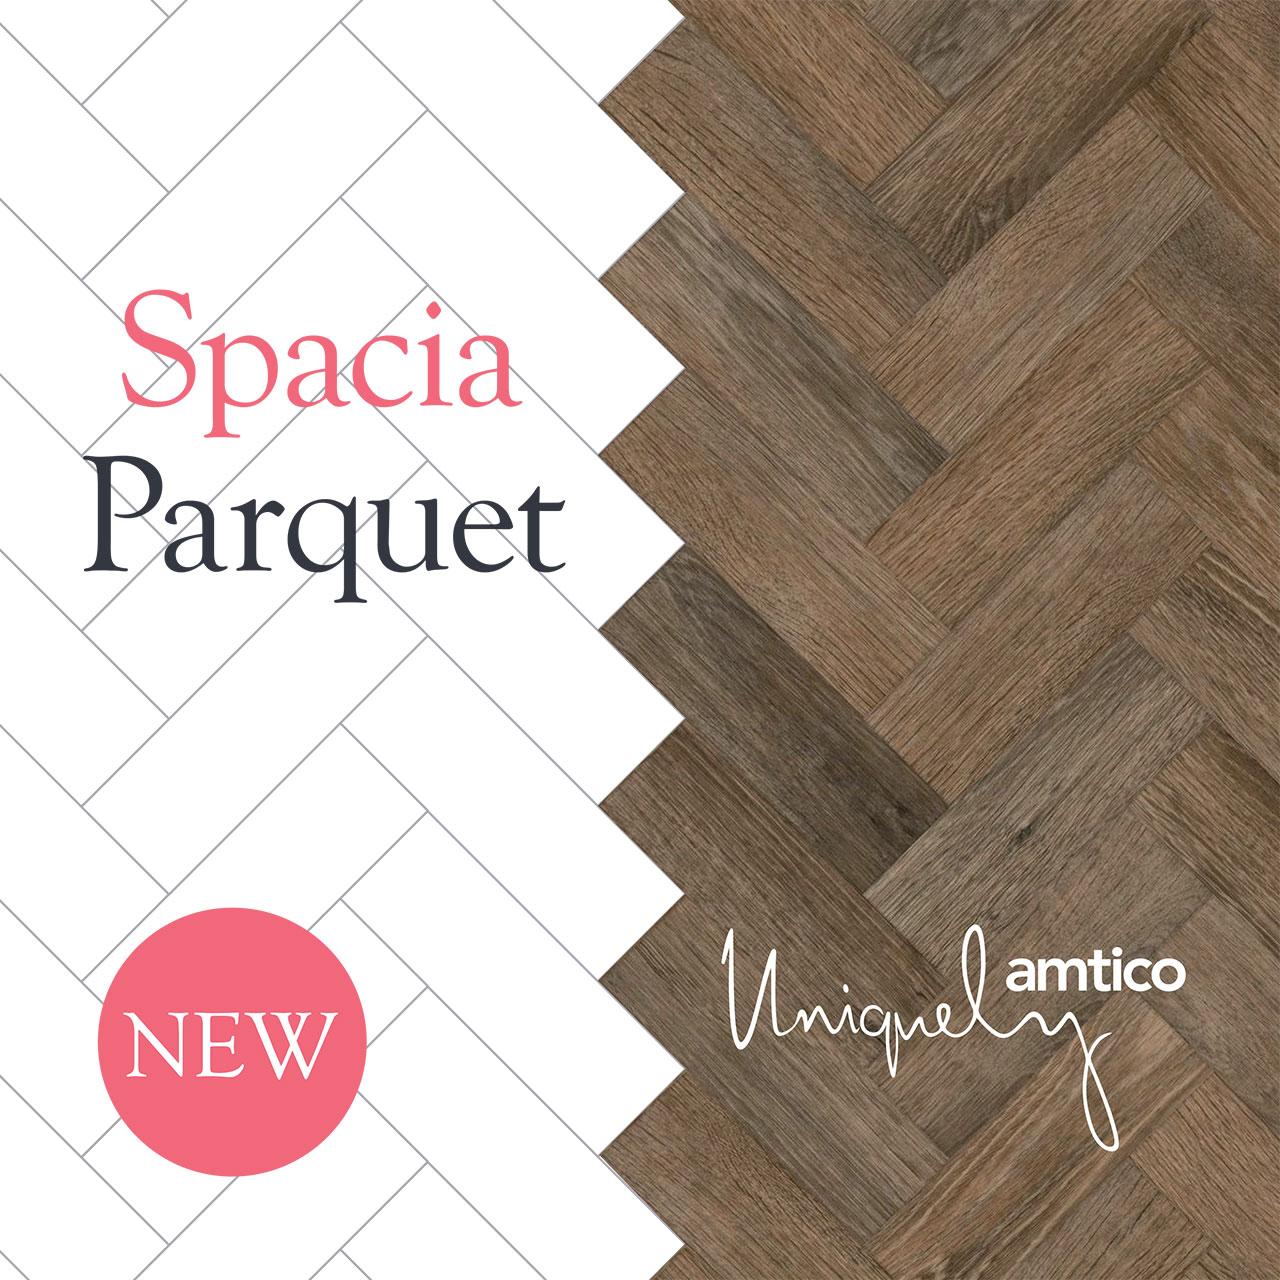 Amtico Flooring Spacia Parquet